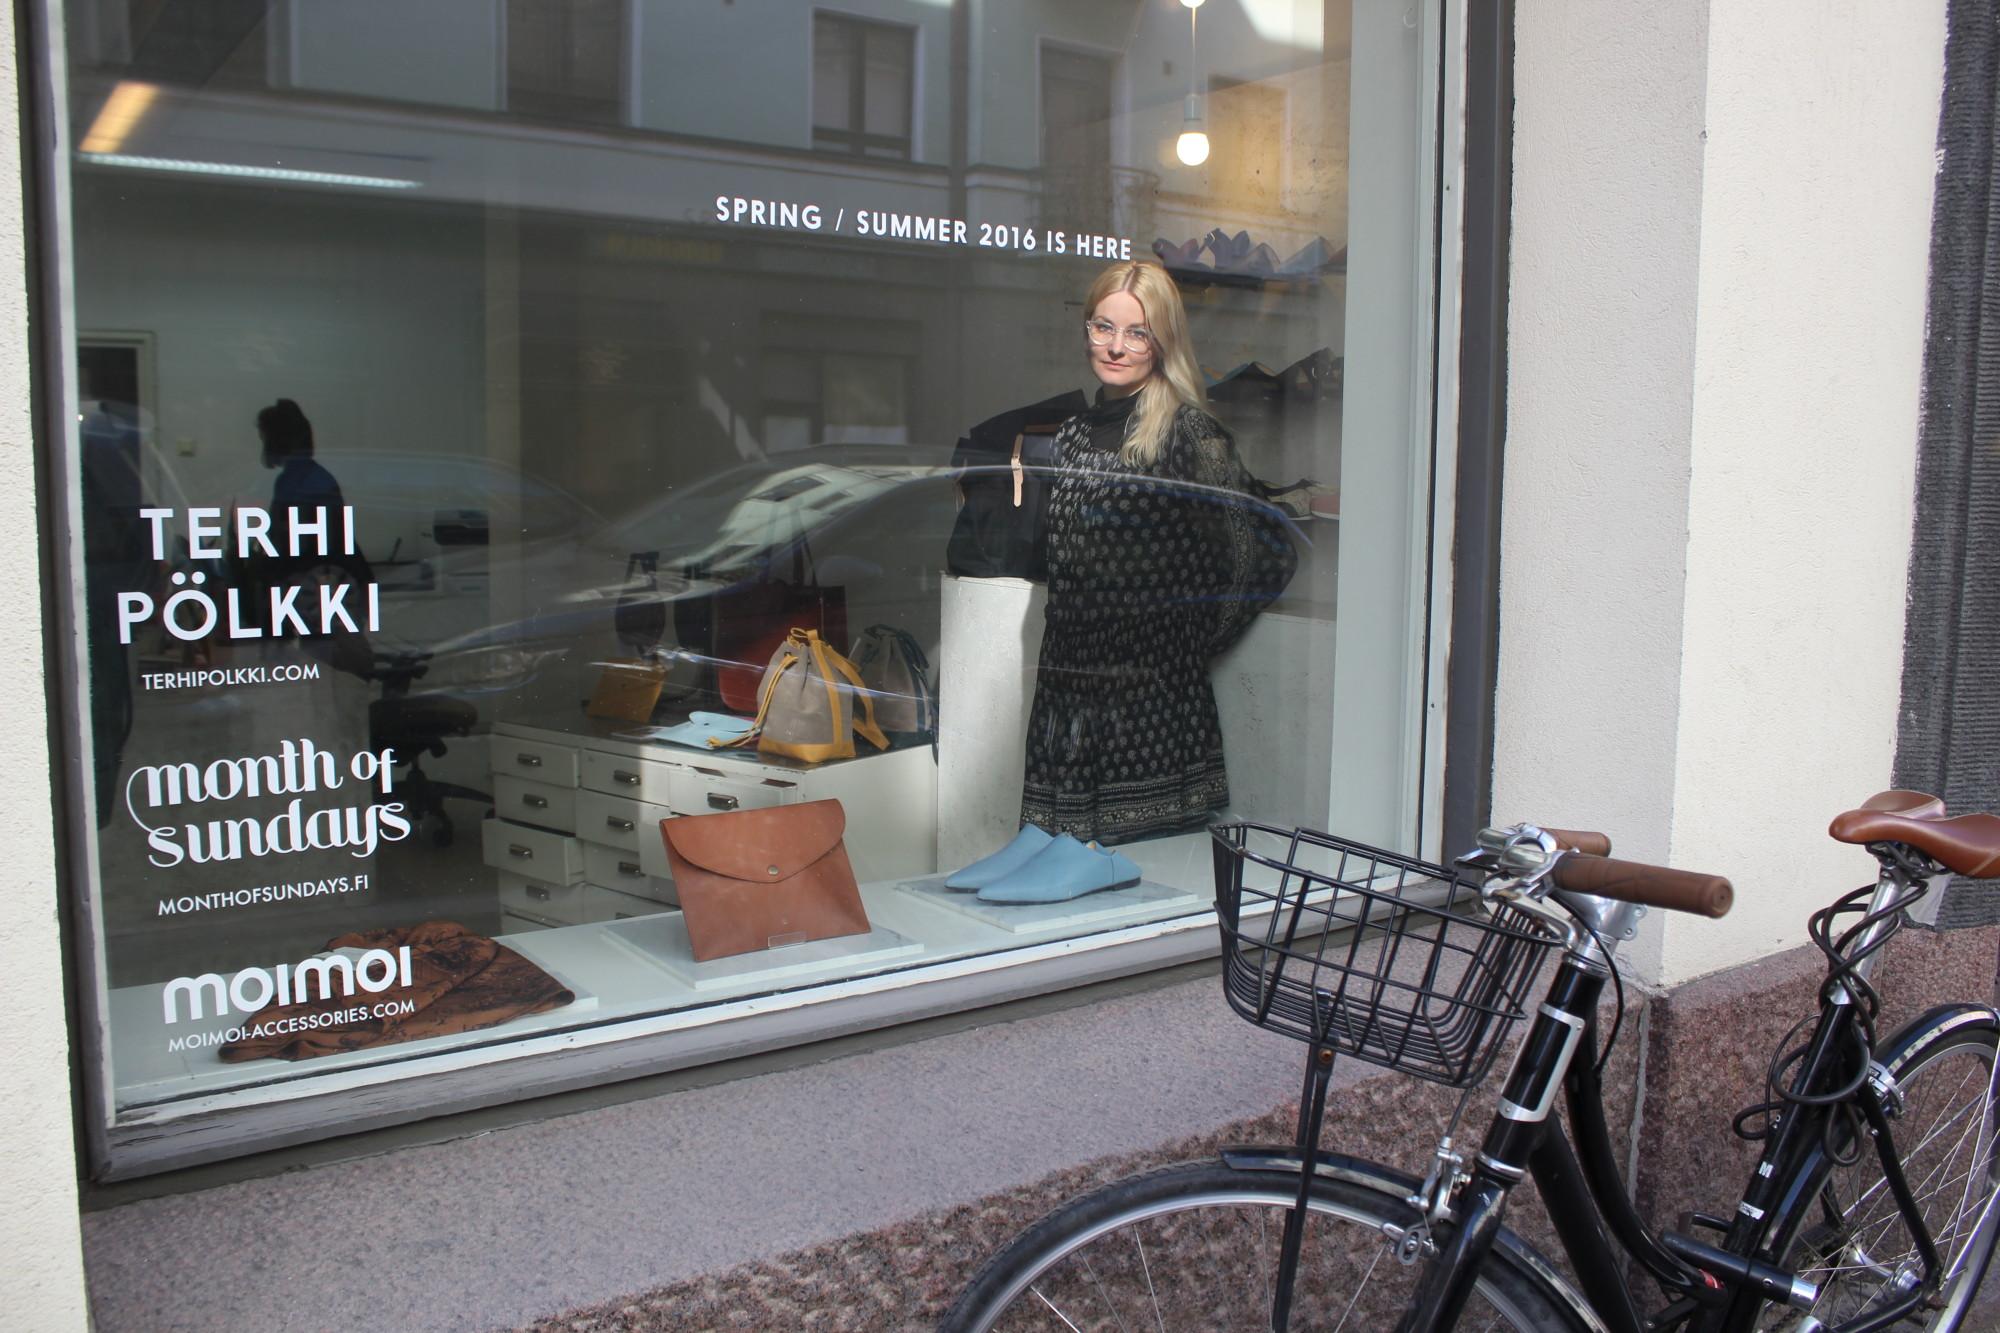 """Kenkäsuunnittelija Terhi Pölkki: """"On minun tehtäväni päättää, että tuote tehdään ekologisesti."""" L I L O U ' s #lilous lifestyle-blogi @KPohjanvirta"""